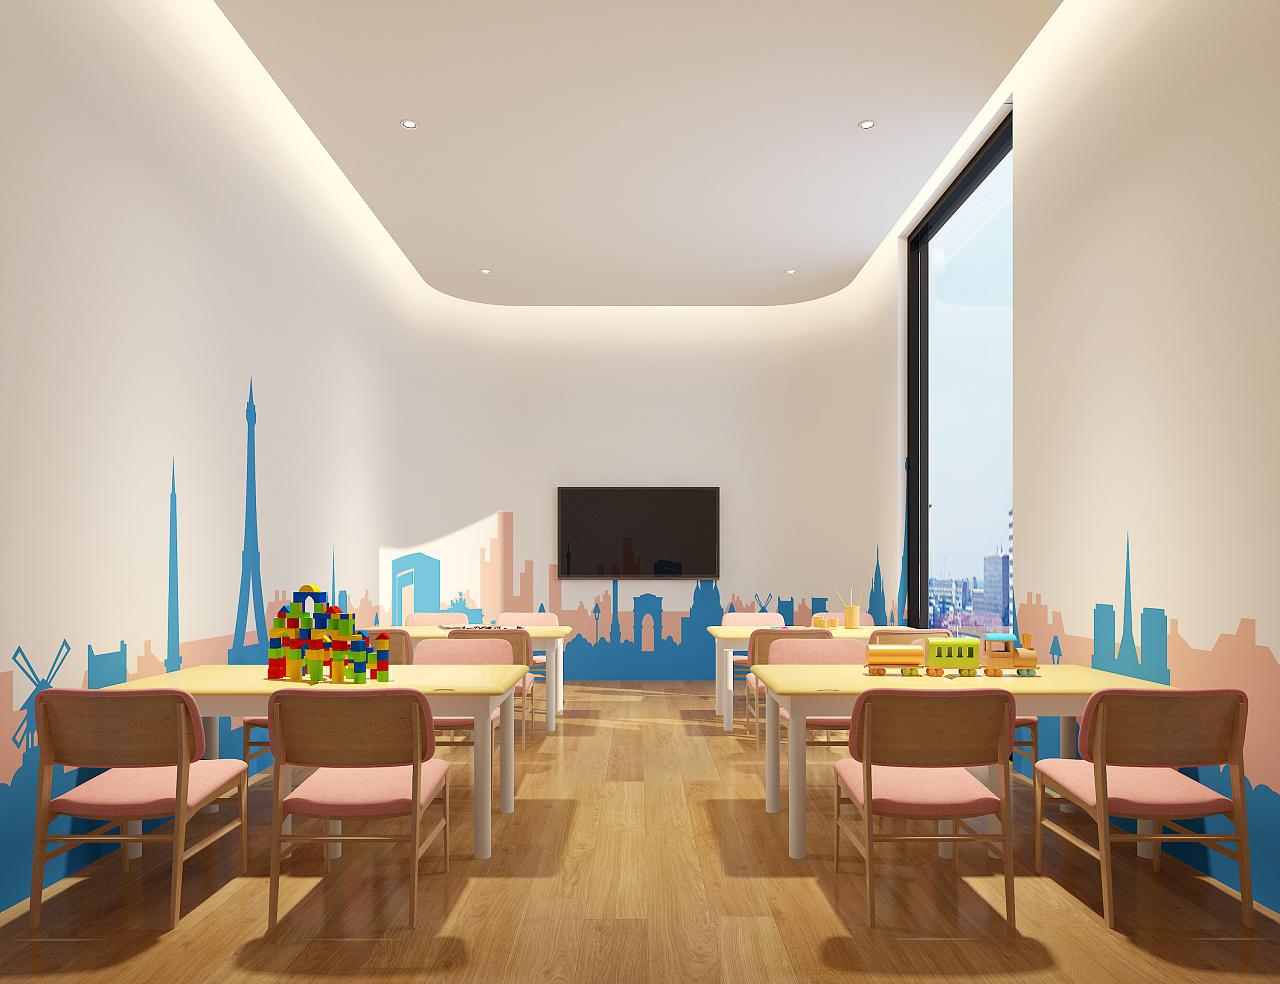 幼儿园教室_室内空间设计装修设计公司孝感图片